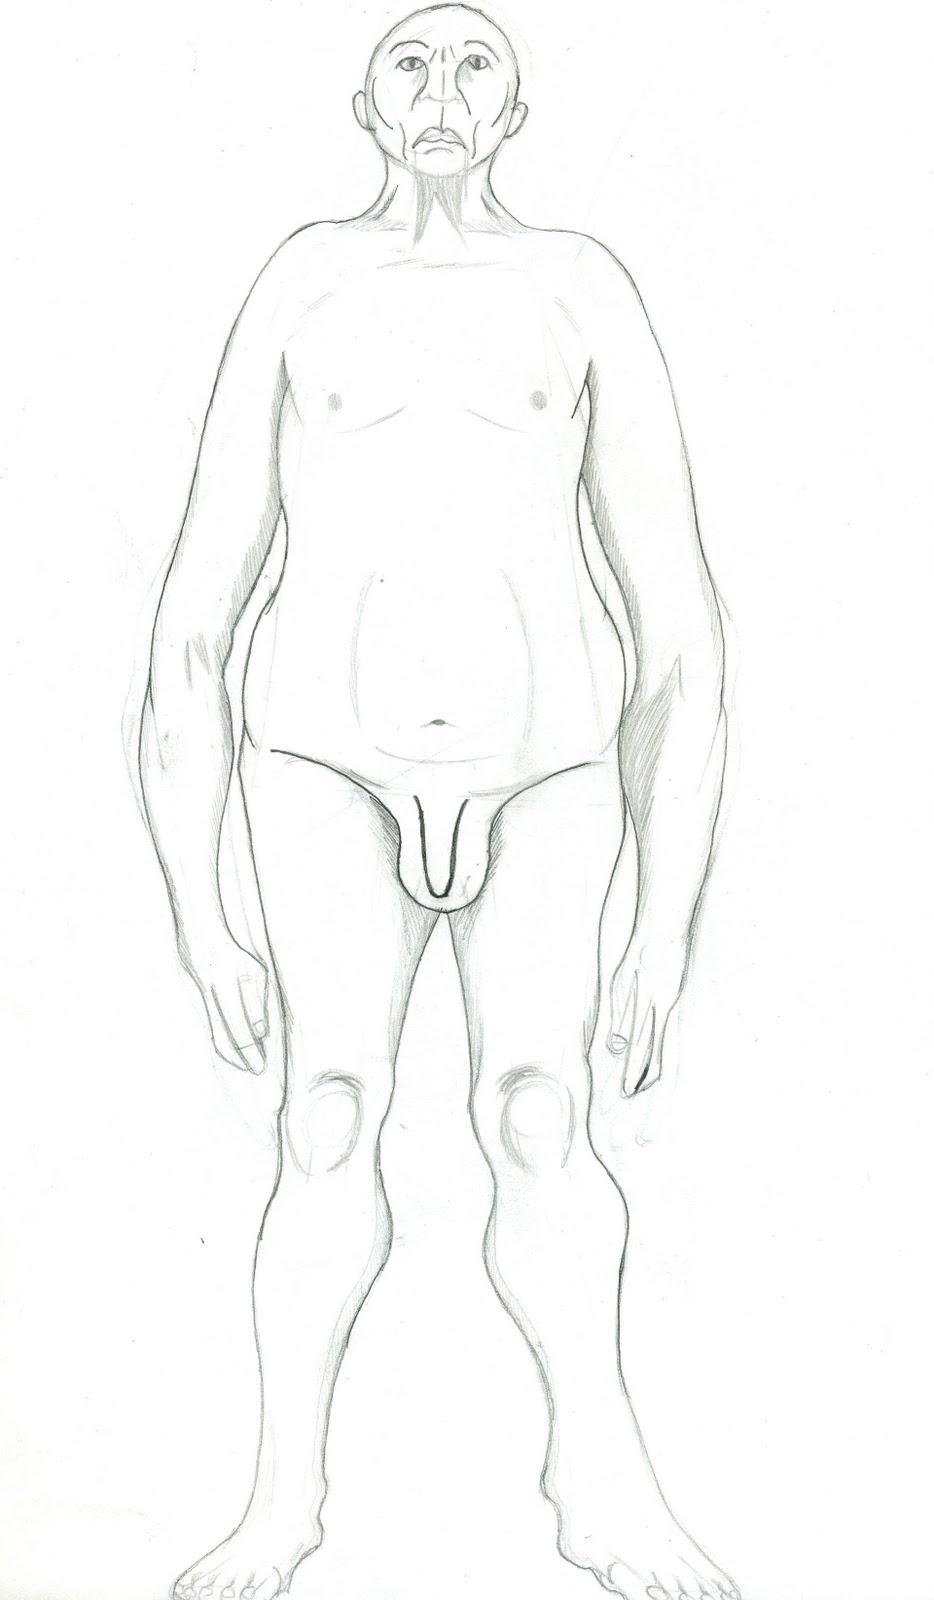 Full body drawings